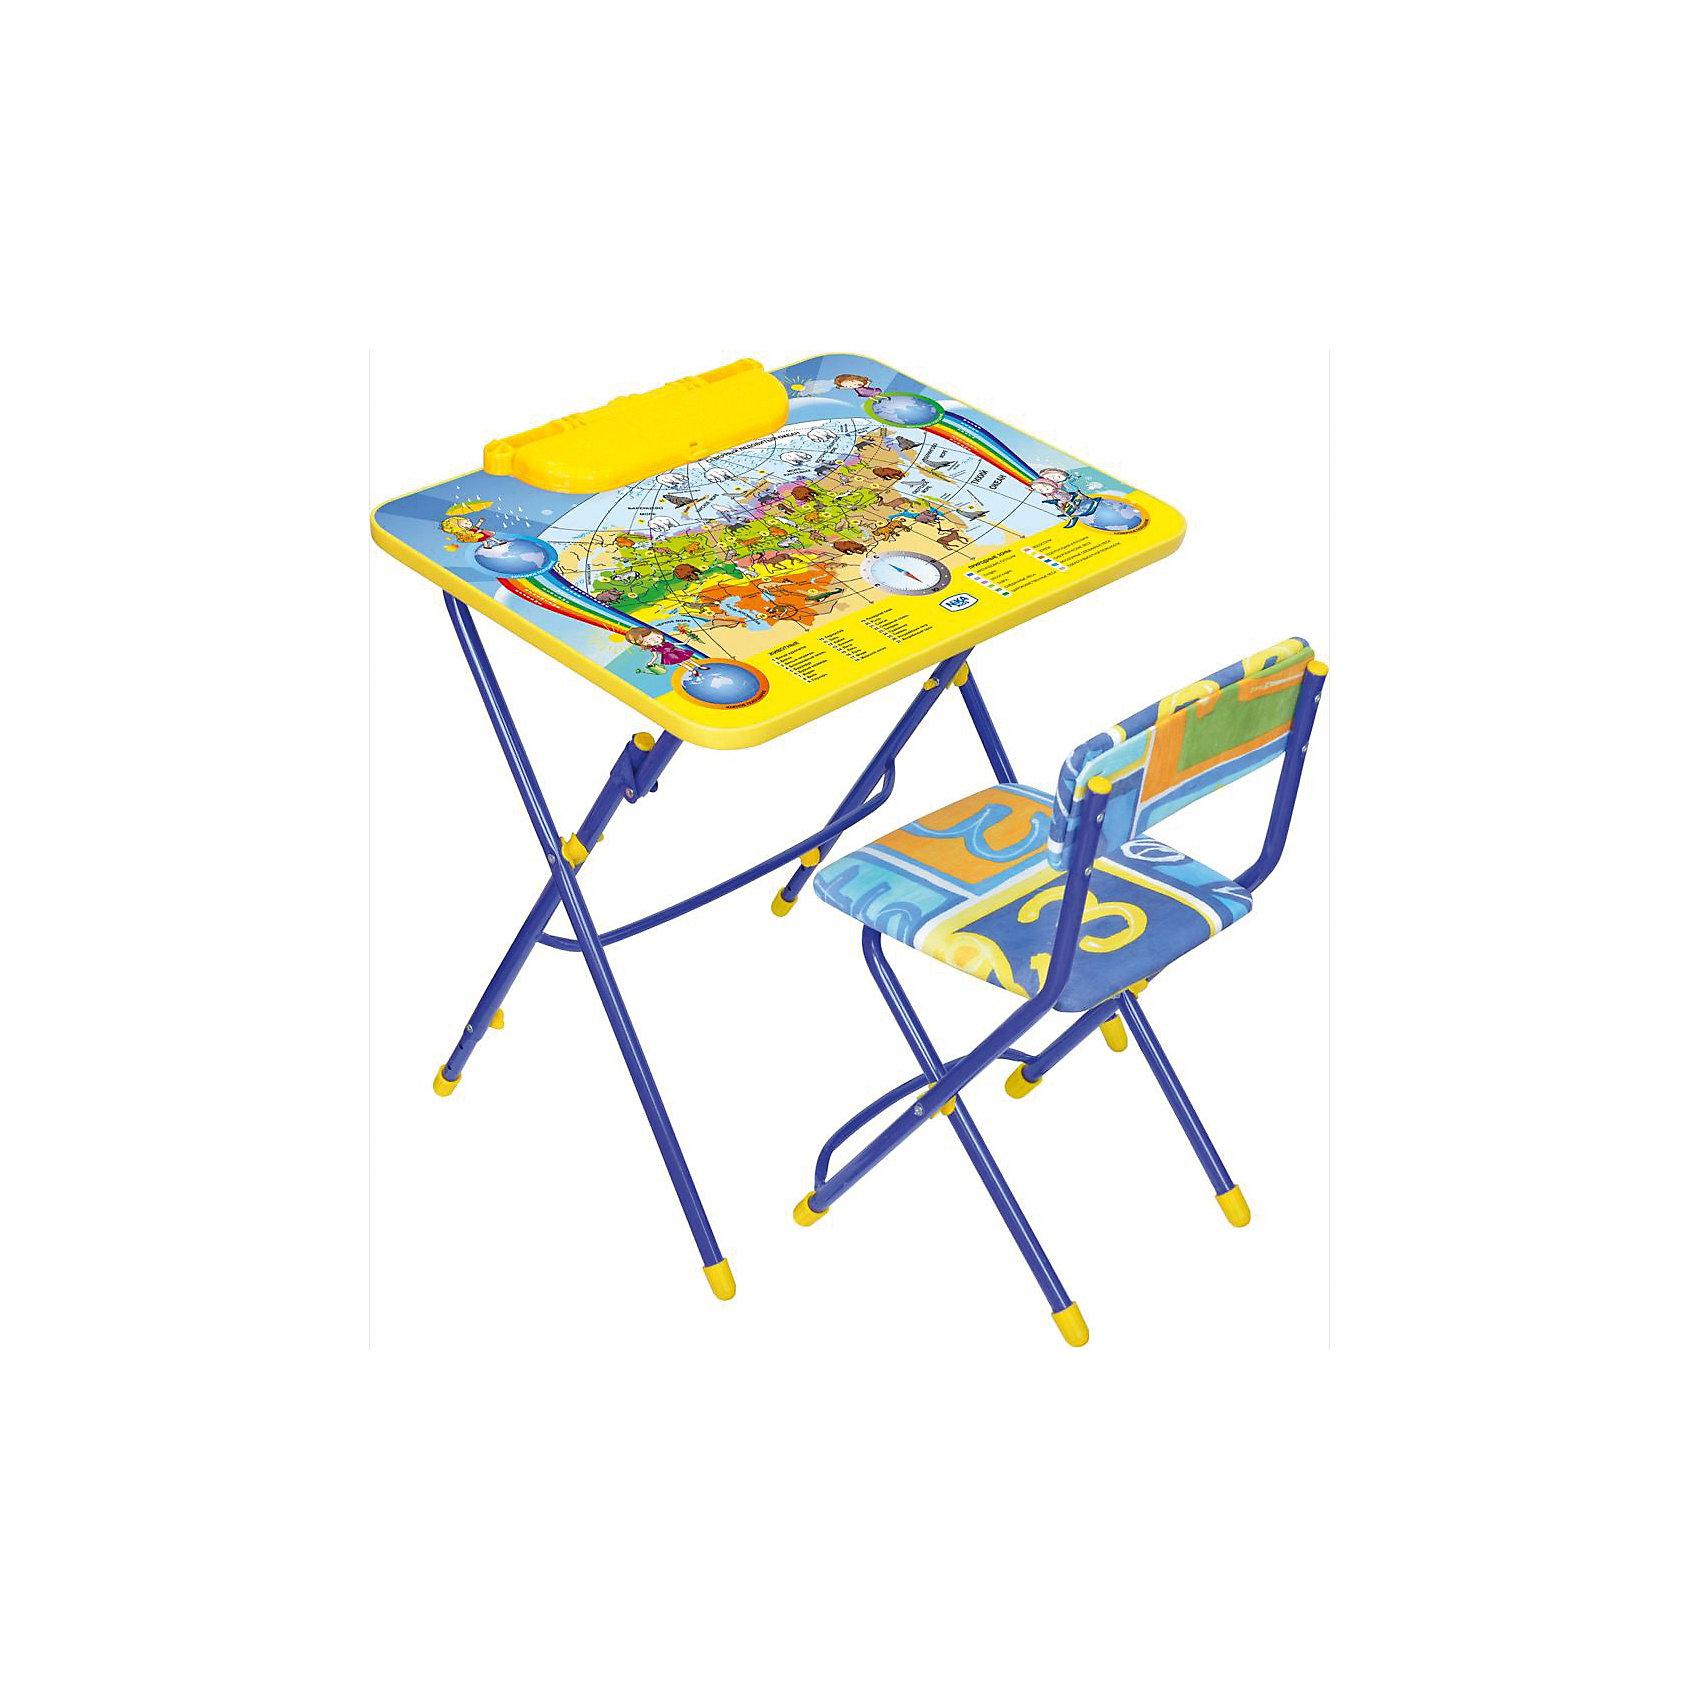 Набор мебели Никки КУ3/10 Познаю мир, НикаСтолы и стулья<br>Характеристики товара:<br><br>• материал: металл, пластик, текстиль<br>• размер столешницы: 60х45 см<br>• высота стола: 58 см<br>• сиденье: 31х27 см<br>• высота до сиденья: 32 см<br>• высота со спинкой 57 см<br>• подставка для ног<br>• стул с мягким сиденьем (флок)<br>• пенал<br>• складной<br>• на столешнице - полезные рисунки<br>• на ламинированной поверхности стола можно рисовать маркером на водной основе<br>• на ножках пластмассовые наконечники<br>• складной<br>• возраст: от 3 до 7 лет<br>• страна бренда: Российская Федерация<br>• страна производства: Российская Федерация<br><br>Детская мебель может быть удобной и эргономичной! Этот комплект разработан специально для детей от трех до семи лет. Он легко складывается и раскладывается, занимает немного места, легко моется. Каркас сделан из прочного, но легкого металла, а на ножках установлены пластмассовые наконечники для защиты напольного покрытия. Столешница украшена полезными познавательными рисунками. Отличное решение как для кормления малыша, так и для игр, творчества и обучения!<br>Правильно подобранная мебель помогает ребенку расти здоровым, формироваться правильной осанке. Изделие производится из качественных сертифицированных материалов, безопасных даже для самых маленьких.<br><br>Набор мебели Никки КУ3/10 Познаю мир от бренда Ника можно купить в нашем интернет-магазине.<br><br>Ширина мм: 750<br>Глубина мм: 155<br>Высота мм: 610<br>Вес г: 8140<br>Возраст от месяцев: 36<br>Возраст до месяцев: 84<br>Пол: Унисекс<br>Возраст: Детский<br>SKU: 5223626